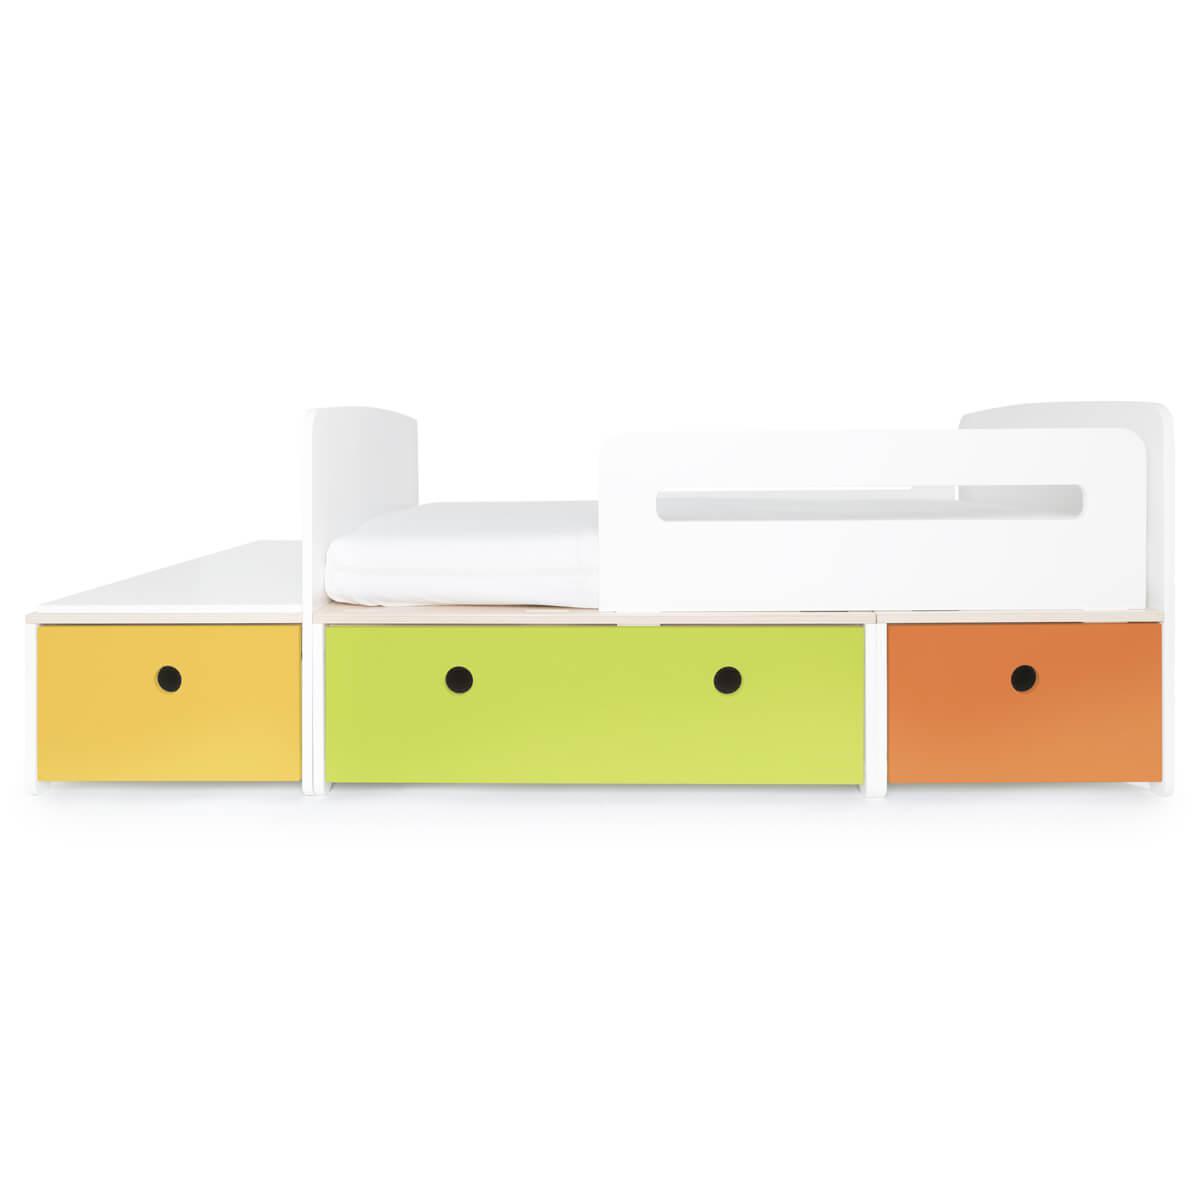 Lit junior évolutif 90x150/200cm COLORFLEX nectar yellow-lime-pure orange